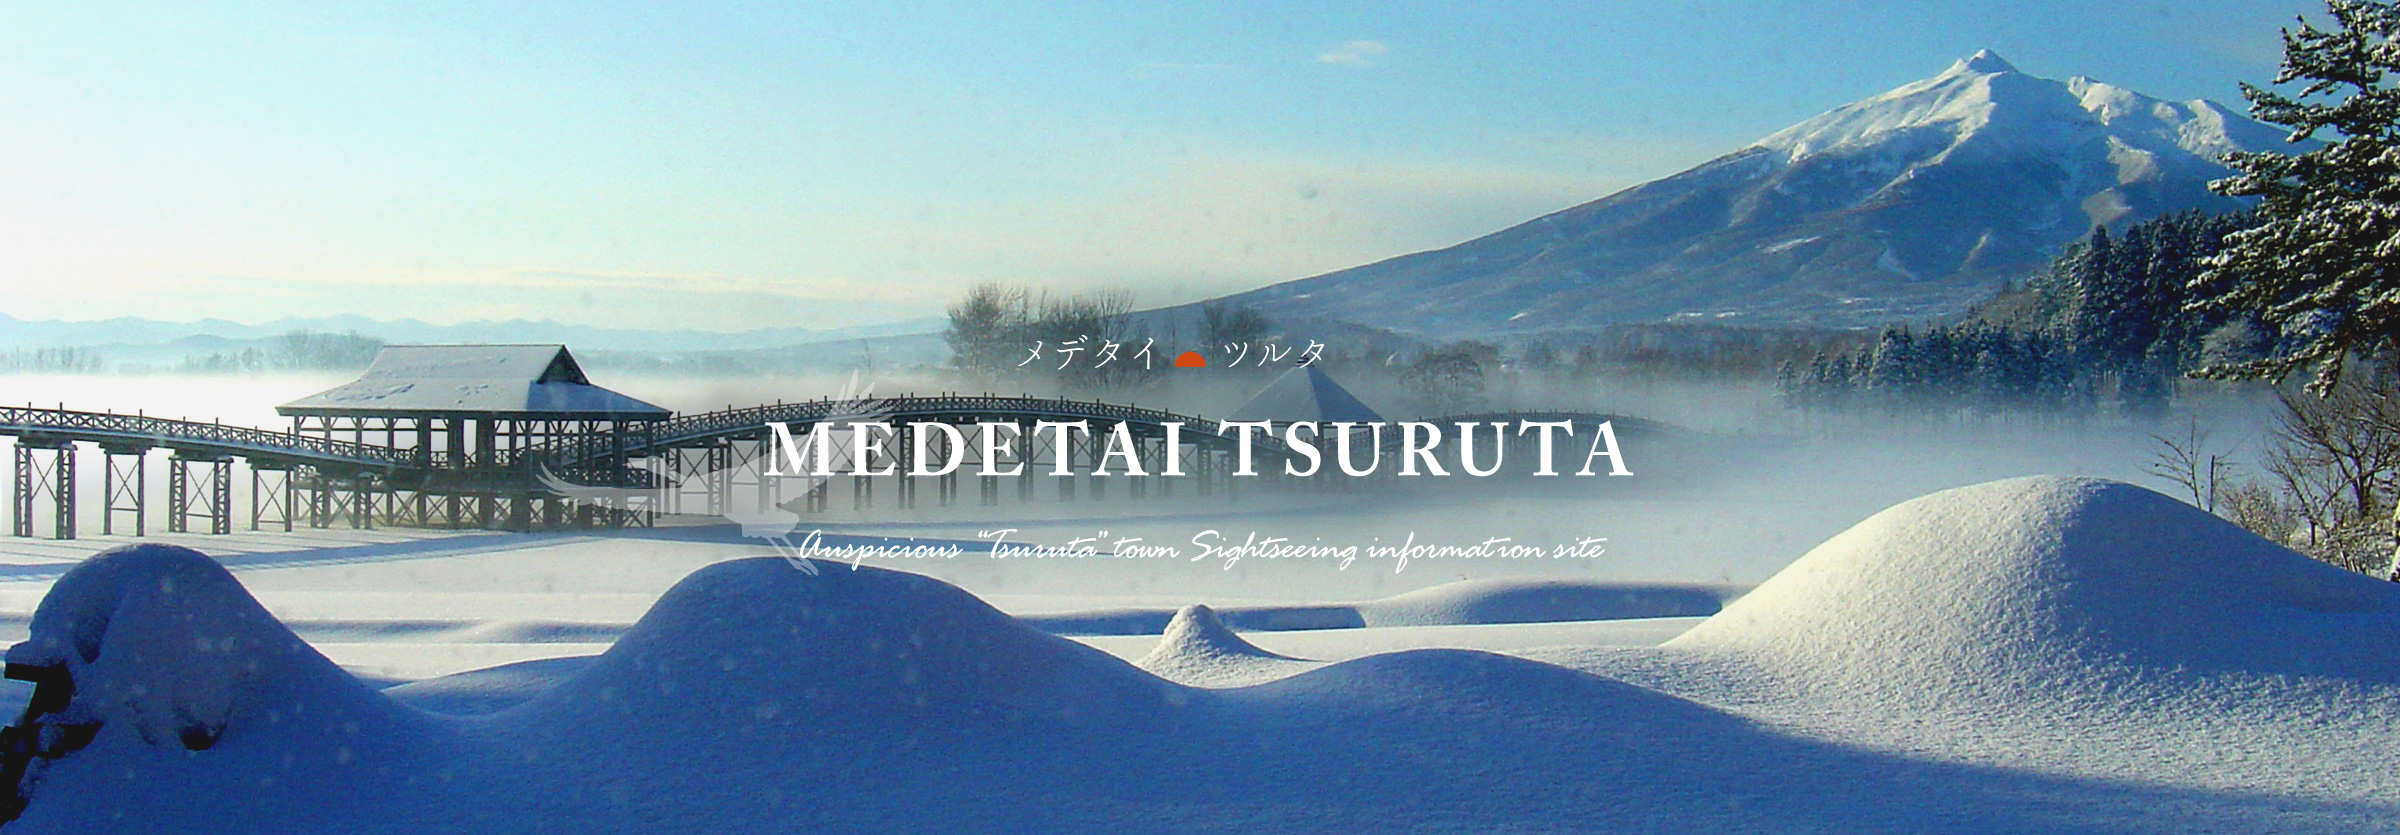 Tsuru no maibridge in winter